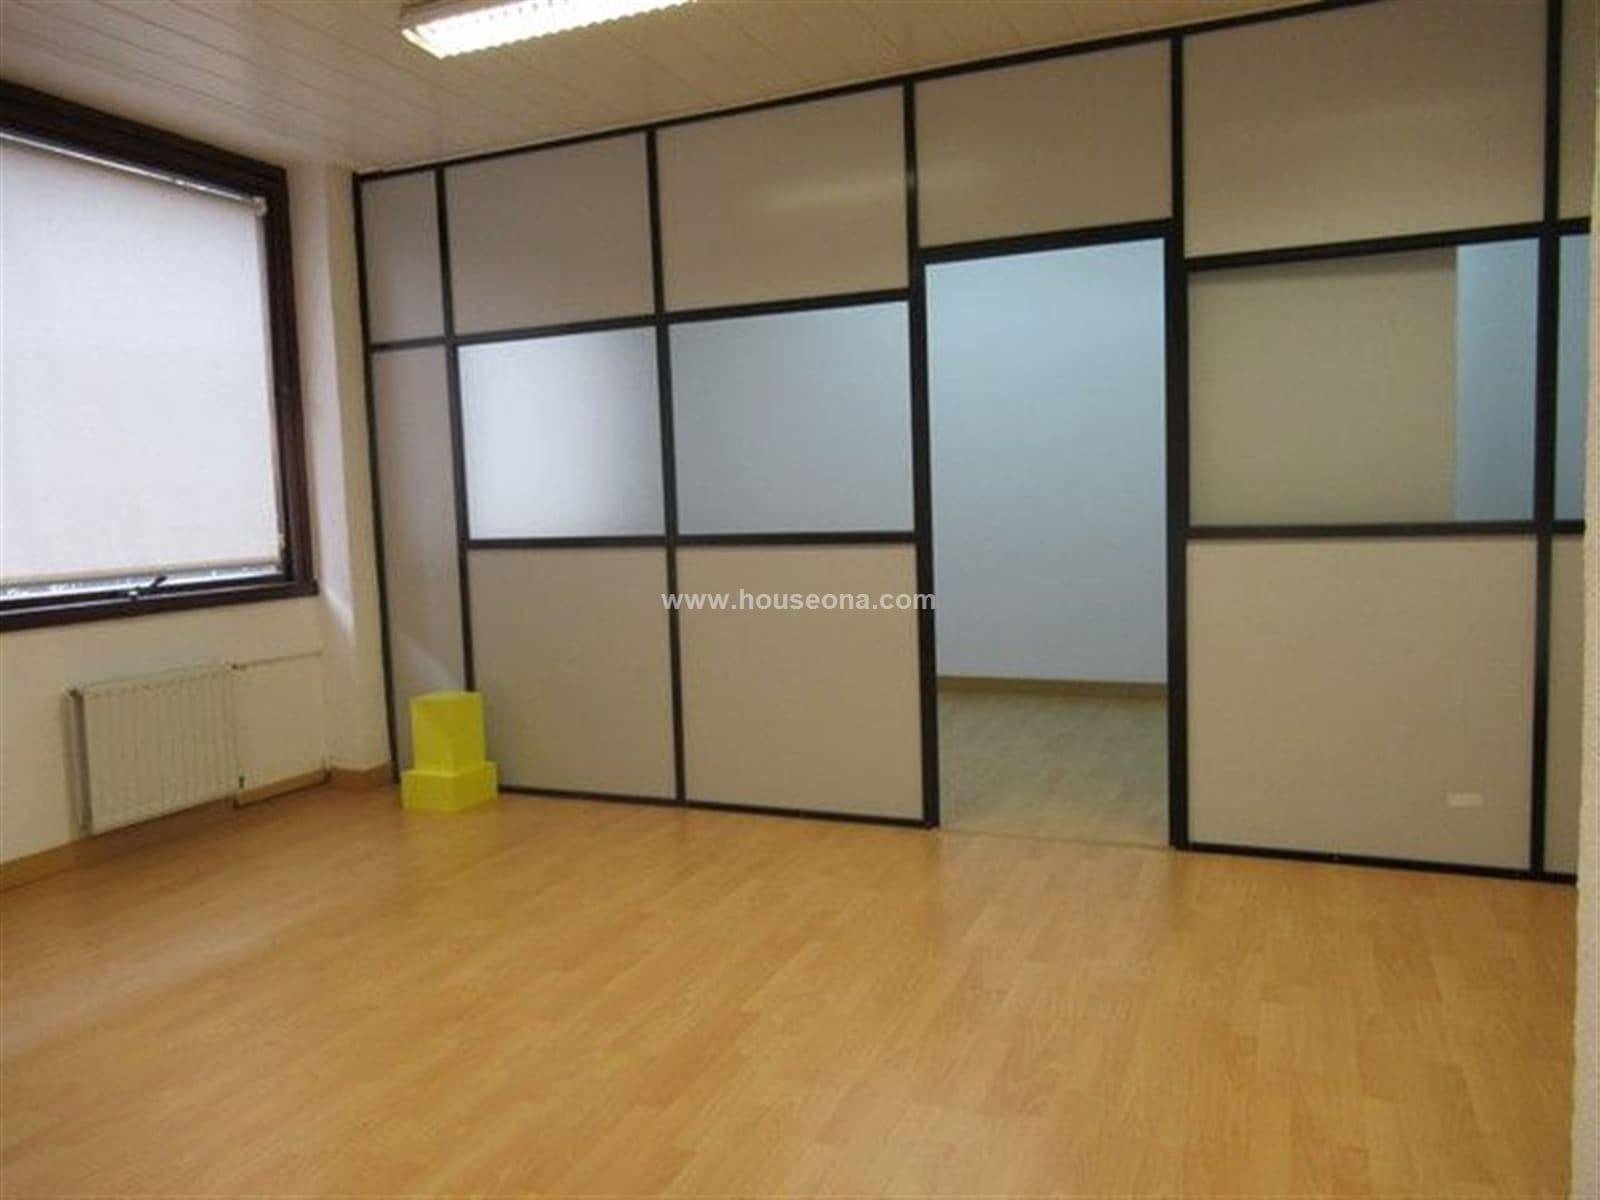 2 quarto Escritório para venda em Bilbao - 125 000 € (Ref: 6091373)